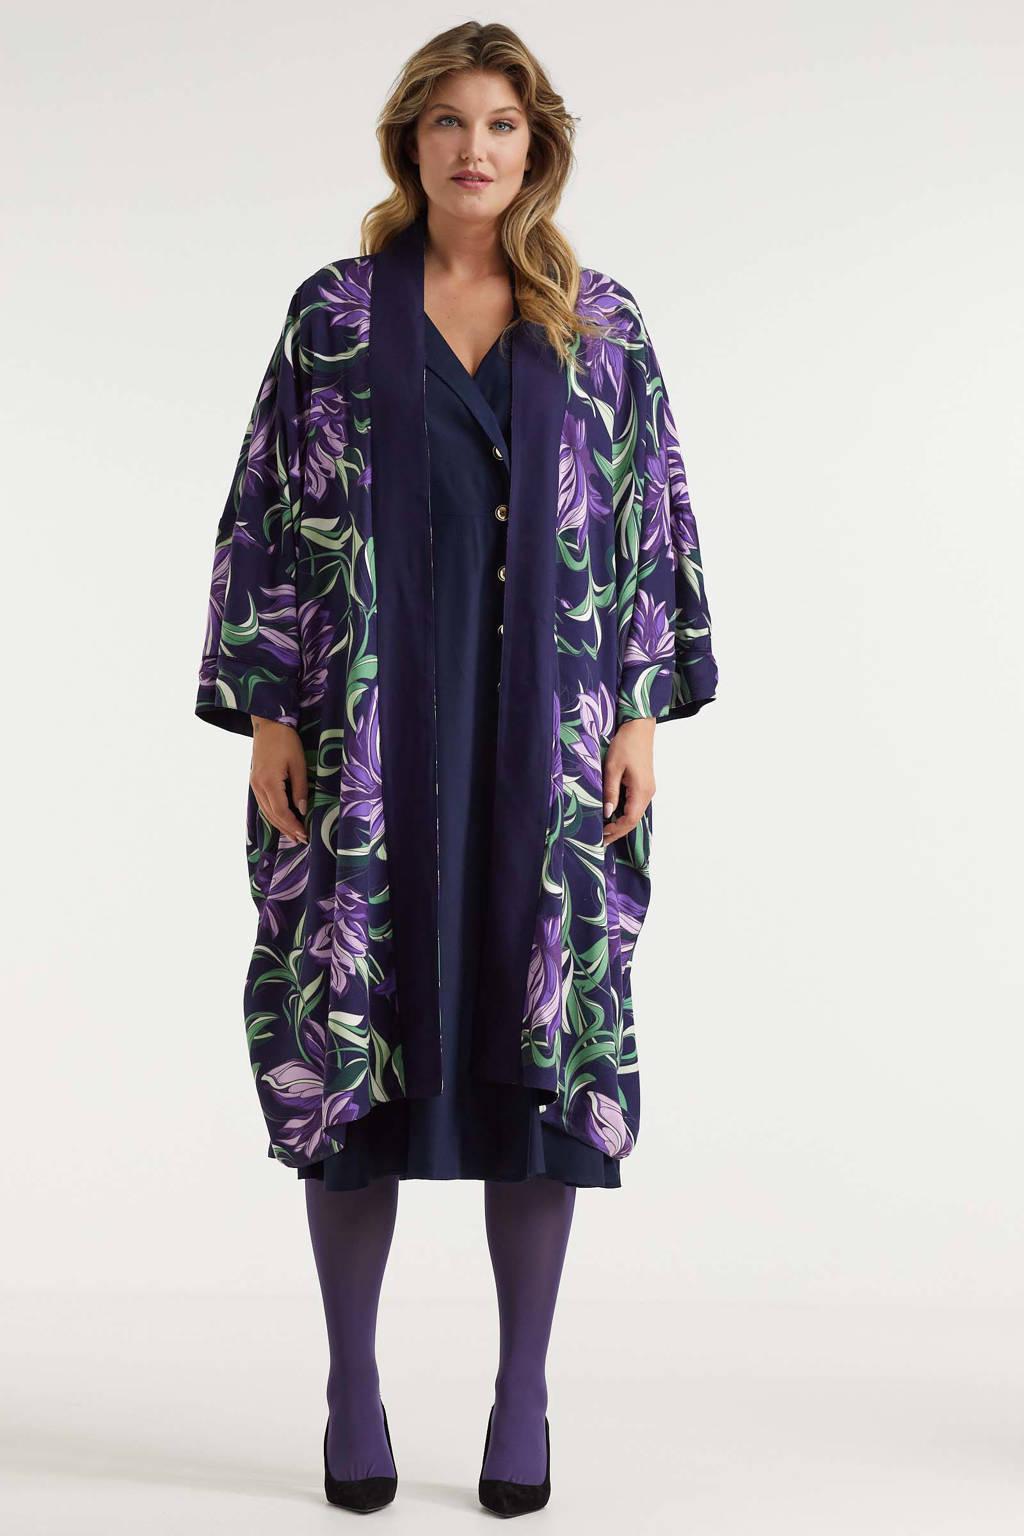 Miljuschka by Wehkamp reversible kimono met underwater floral print, Paars, donkerblauw